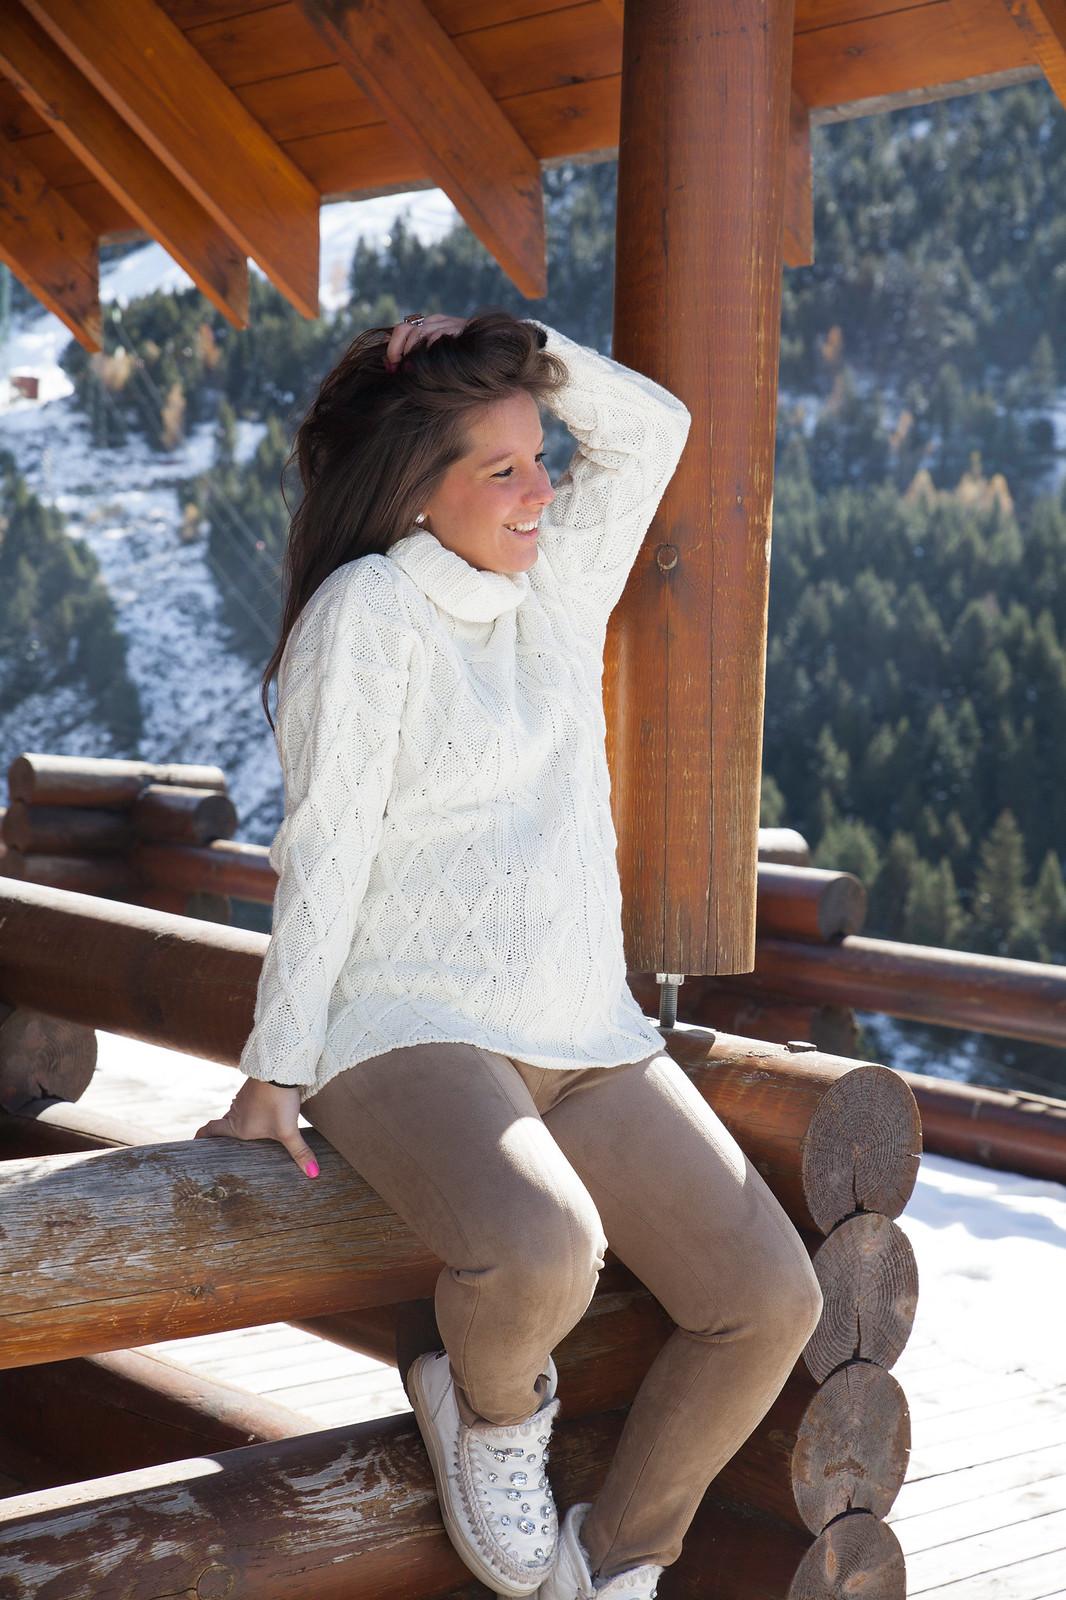 07_5_claves_para_un_look_apres_ski_tendencia_invierno_outfit_embarazada_comodo_nieve_theguestgirl_laura_santolaria_jersey_ochos_ruga_hpreppy